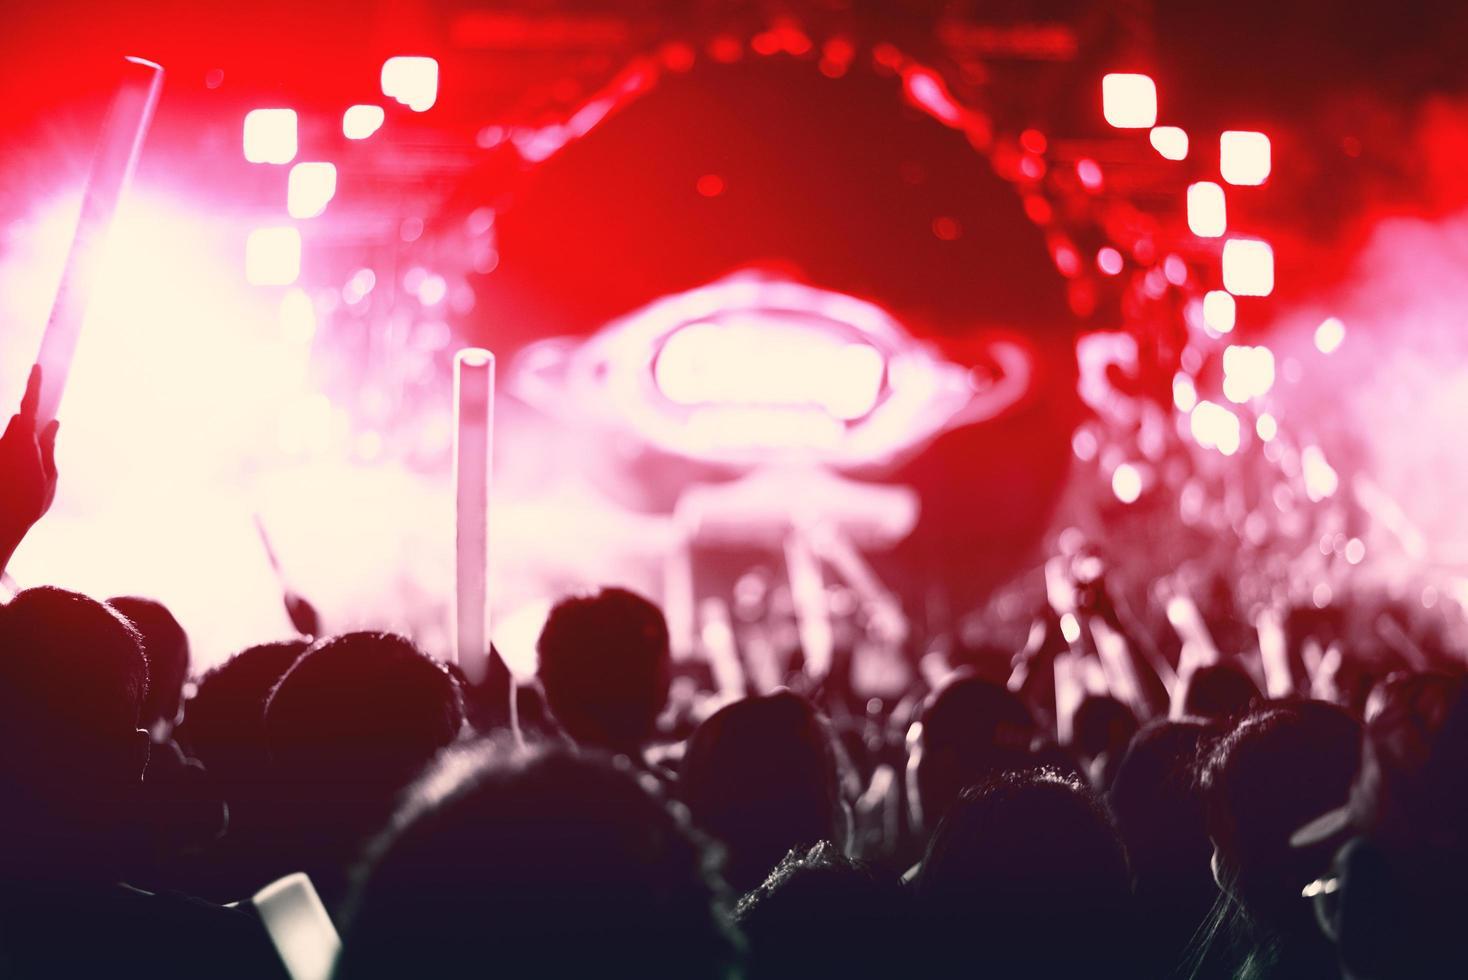 rockconcert met silhouetten mensen verhogen handvat concept. zanger en publiek thema. rode toon foto